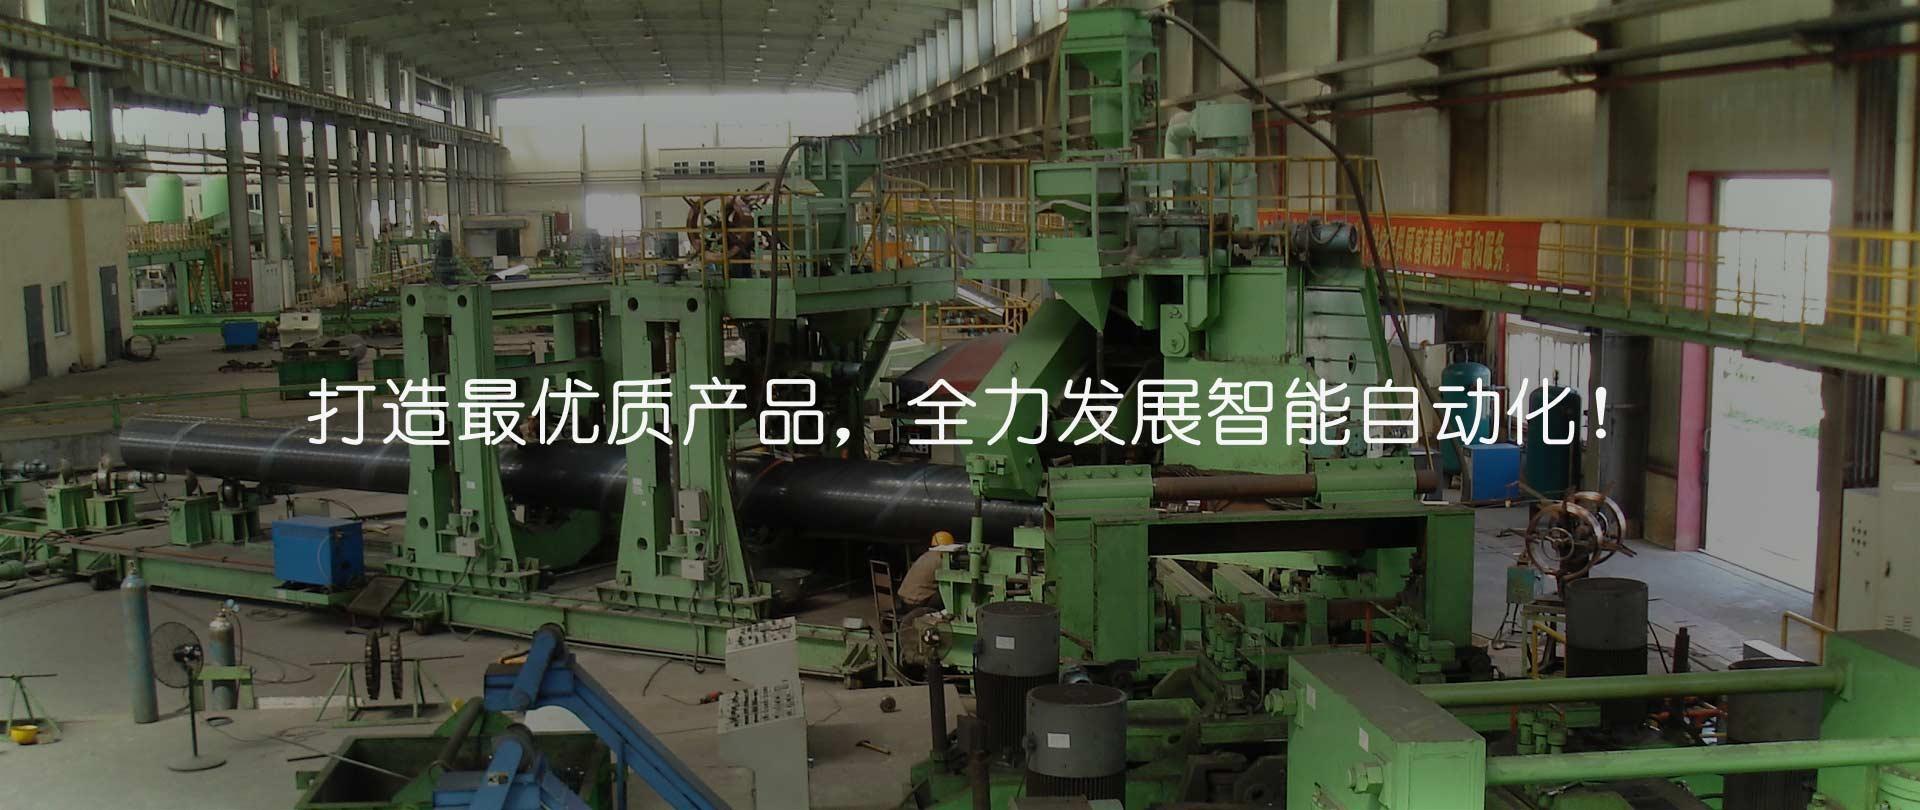 太原思宸机械设备有限公司